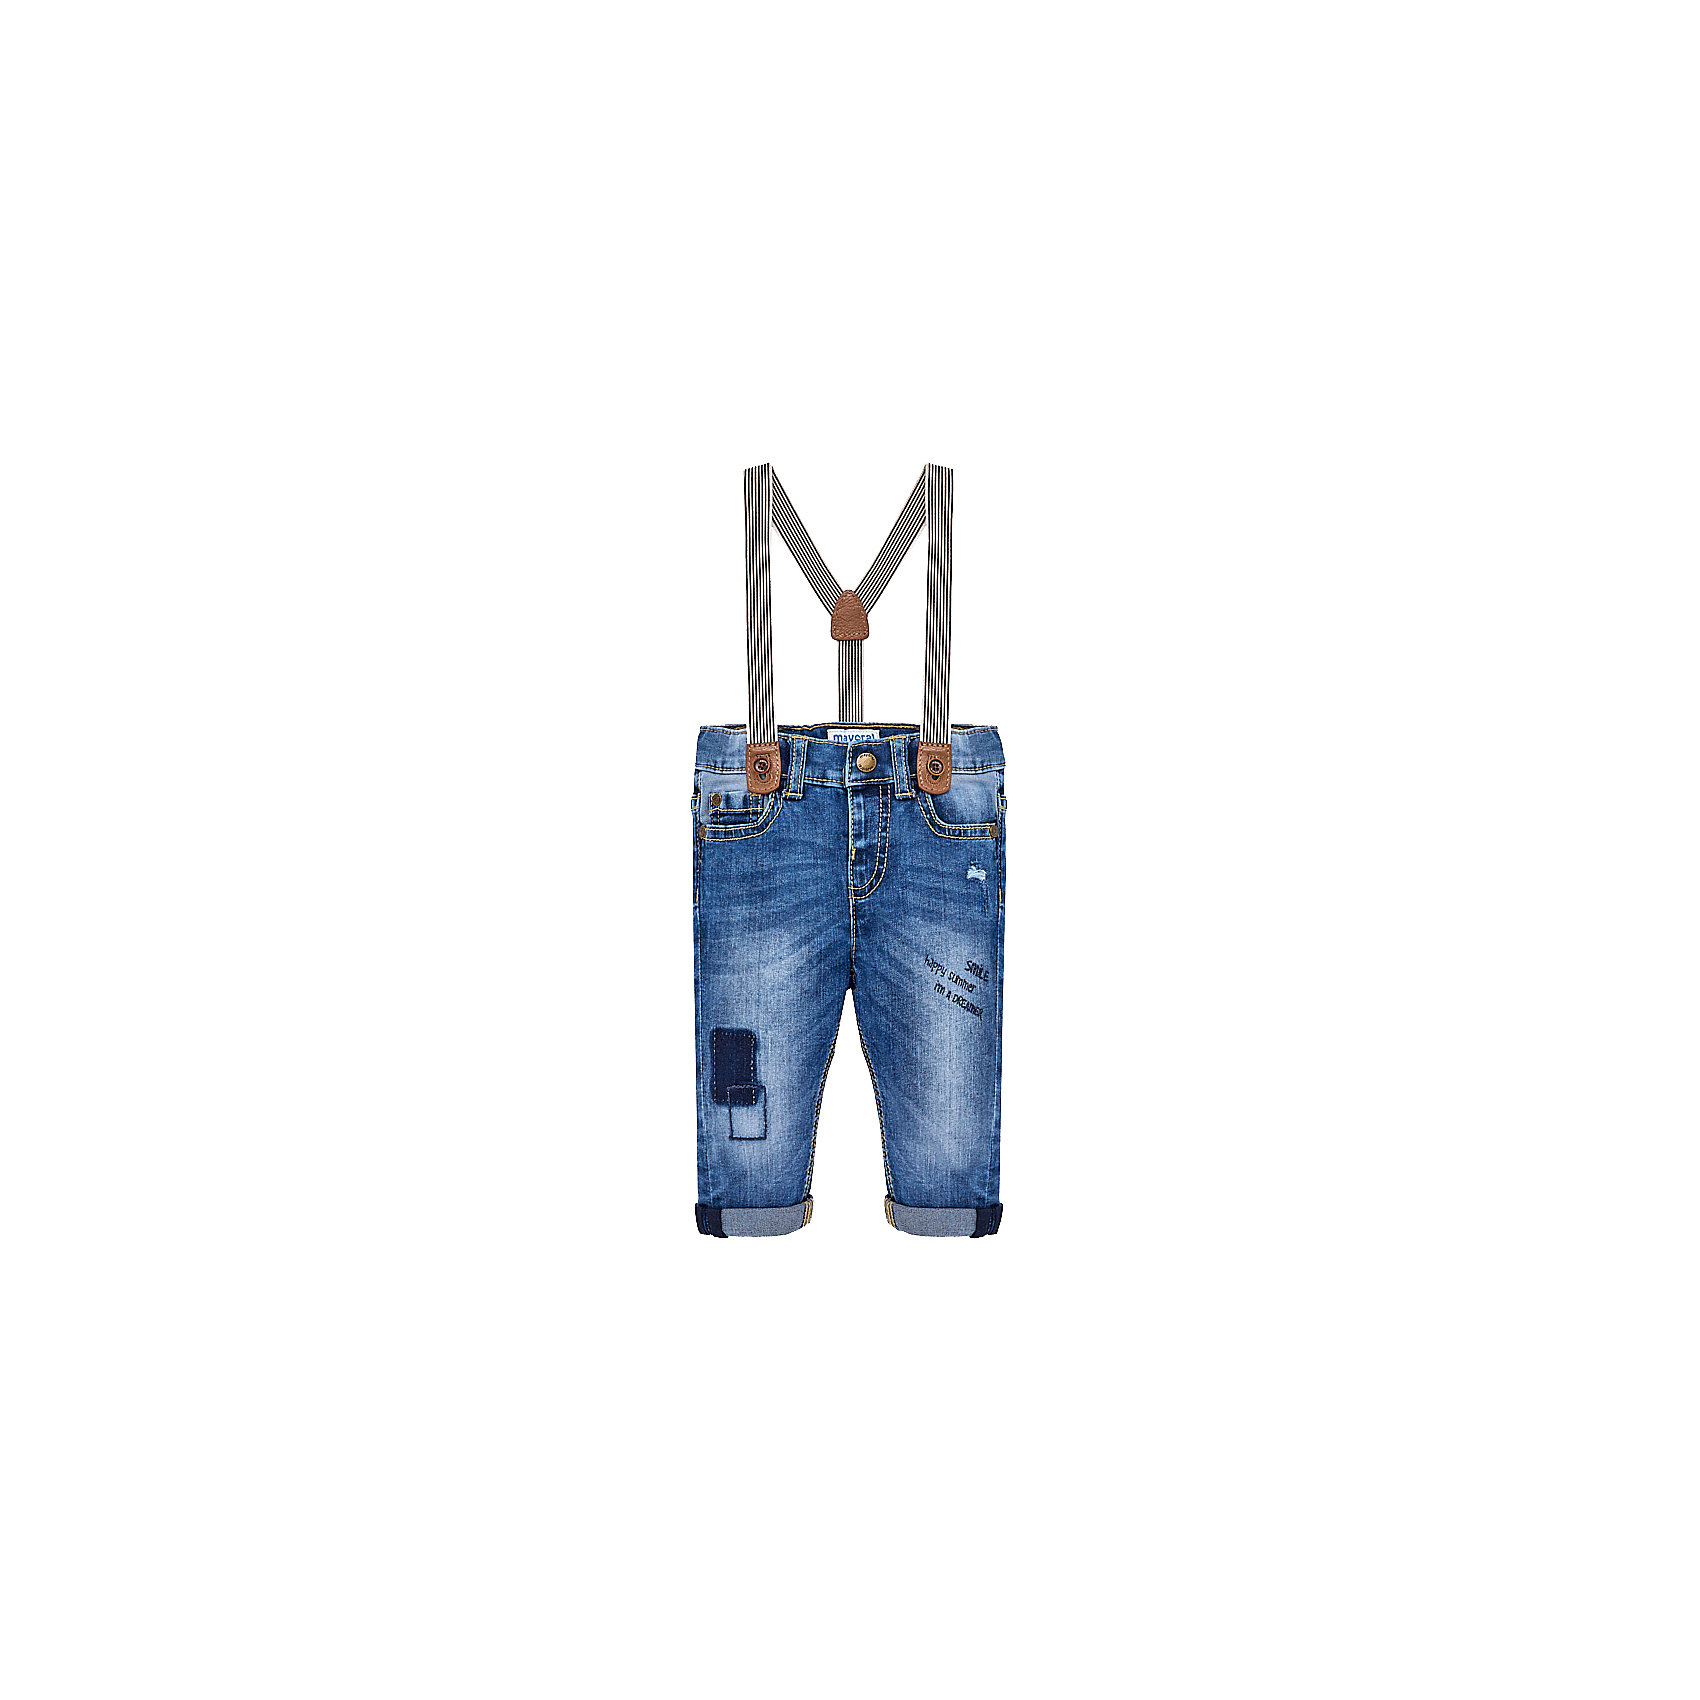 Брюки для мальчика MayoralДжинсы и брючки<br>Характеристики товара:<br><br>• цвет: темно-синий<br>• состав: 100% хлопок<br>• ремень в комплекте<br>• шлевки<br>• карманы<br>• пояс с регулировкой объема<br>• классический силуэт<br>• страна бренда: Испания<br><br>Модные брюки для мальчика смогут стать базовой вещью в гардеробе ребенка. Они отлично сочетаются с майками, футболками, рубашками и т.д. Универсальный крой и цвет позволяет подобрать к вещи верх разных расцветок. Практичное и стильное изделие! В составе материала - натуральный хлопок, гипоаллергенный, приятный на ощупь, дышащий.<br><br>Одежда, обувь и аксессуары от испанского бренда Mayoral полюбились детям и взрослым по всему миру. Модели этой марки - стильные и удобные. Для их производства используются только безопасные, качественные материалы и фурнитура. Порадуйте ребенка модными и красивыми вещами от Mayoral! <br><br>Брюки для мальчика от испанского бренда Mayoral (Майорал) можно купить в нашем интернет-магазине.<br><br>Ширина мм: 215<br>Глубина мм: 88<br>Высота мм: 191<br>Вес г: 336<br>Цвет: синий<br>Возраст от месяцев: 12<br>Возраст до месяцев: 15<br>Пол: Мужской<br>Возраст: Детский<br>Размер: 80,92,86<br>SKU: 5279637